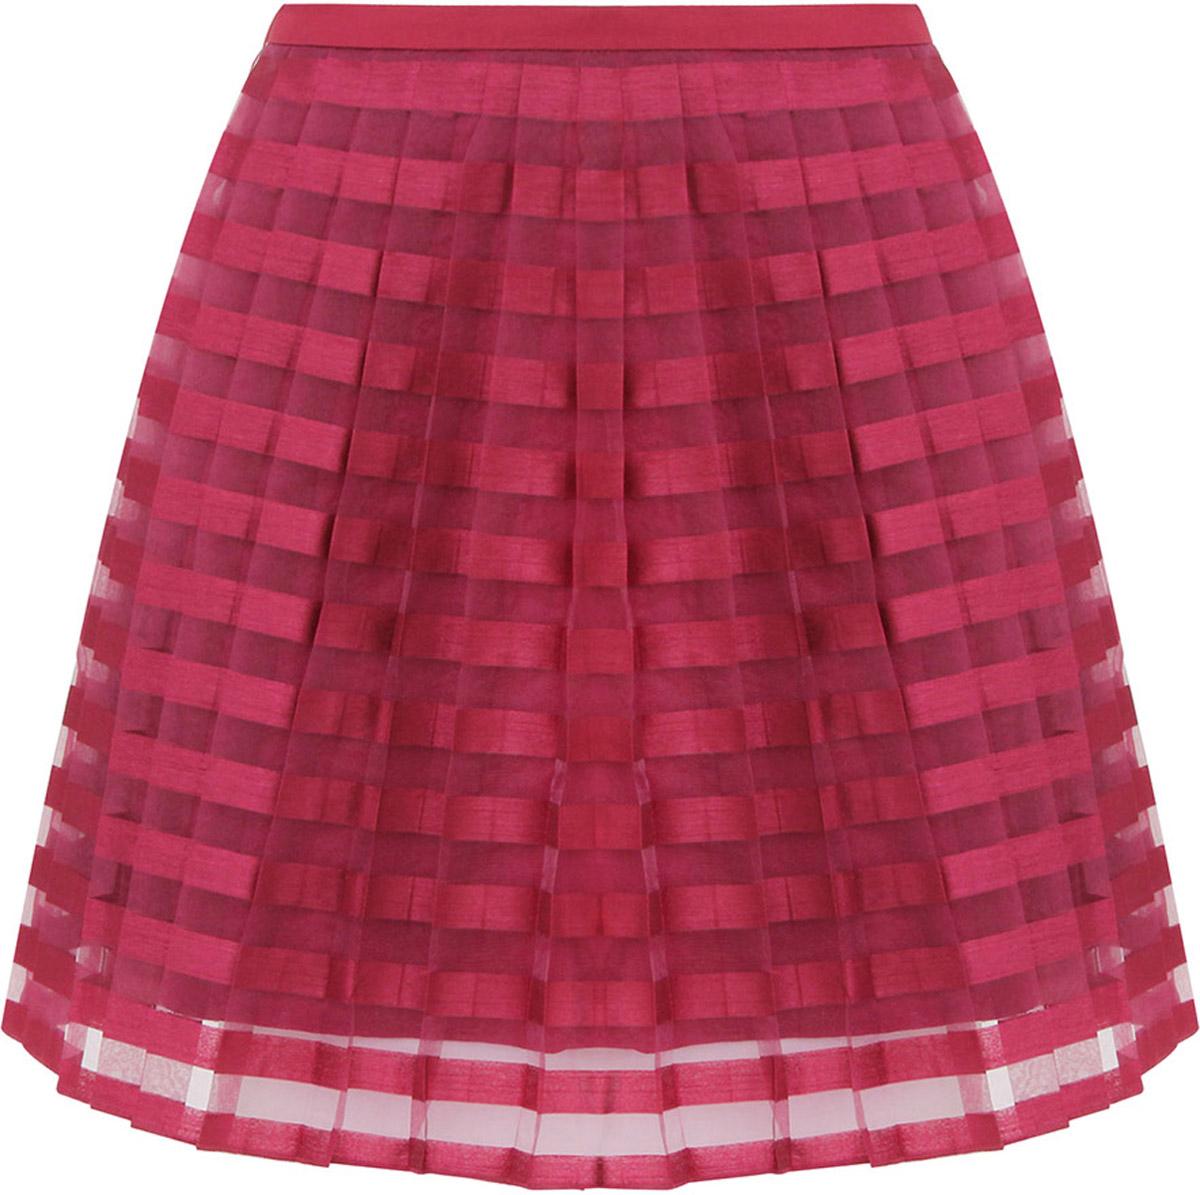 Юбка oodji Ultra, цвет: бордовый. 11606044/42812/4900N. Размер 34-170 (40-170)11606044/42812/4900NЛегкая юбка в складочку выполнена из высококачественного материала. Верхний слой юбки изготовлен из полупрозрачной ткани.